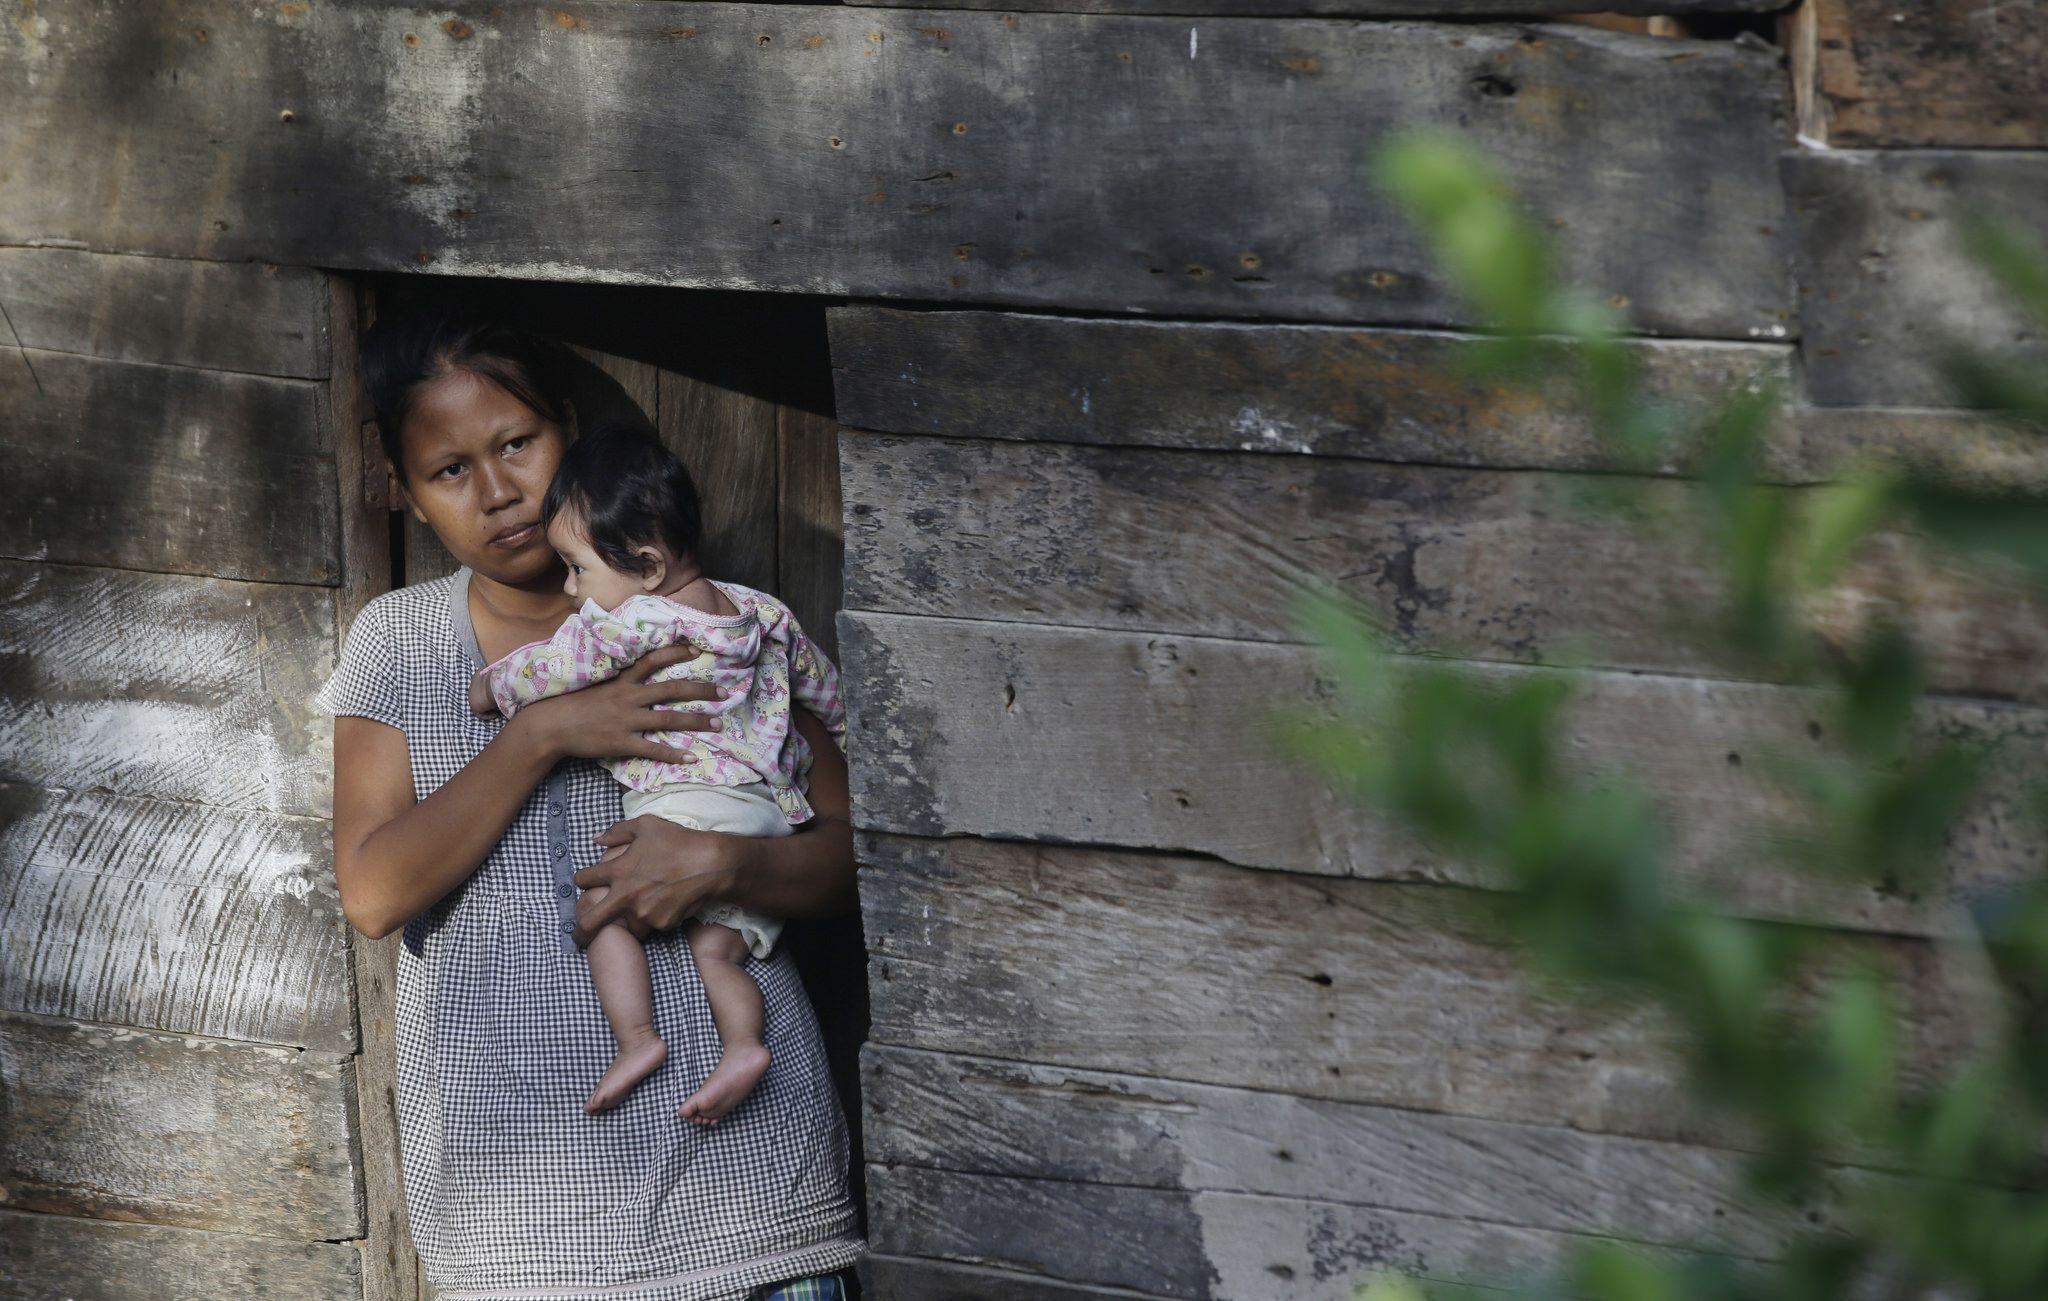 3. Target mengurangistuntingdi Indonesia